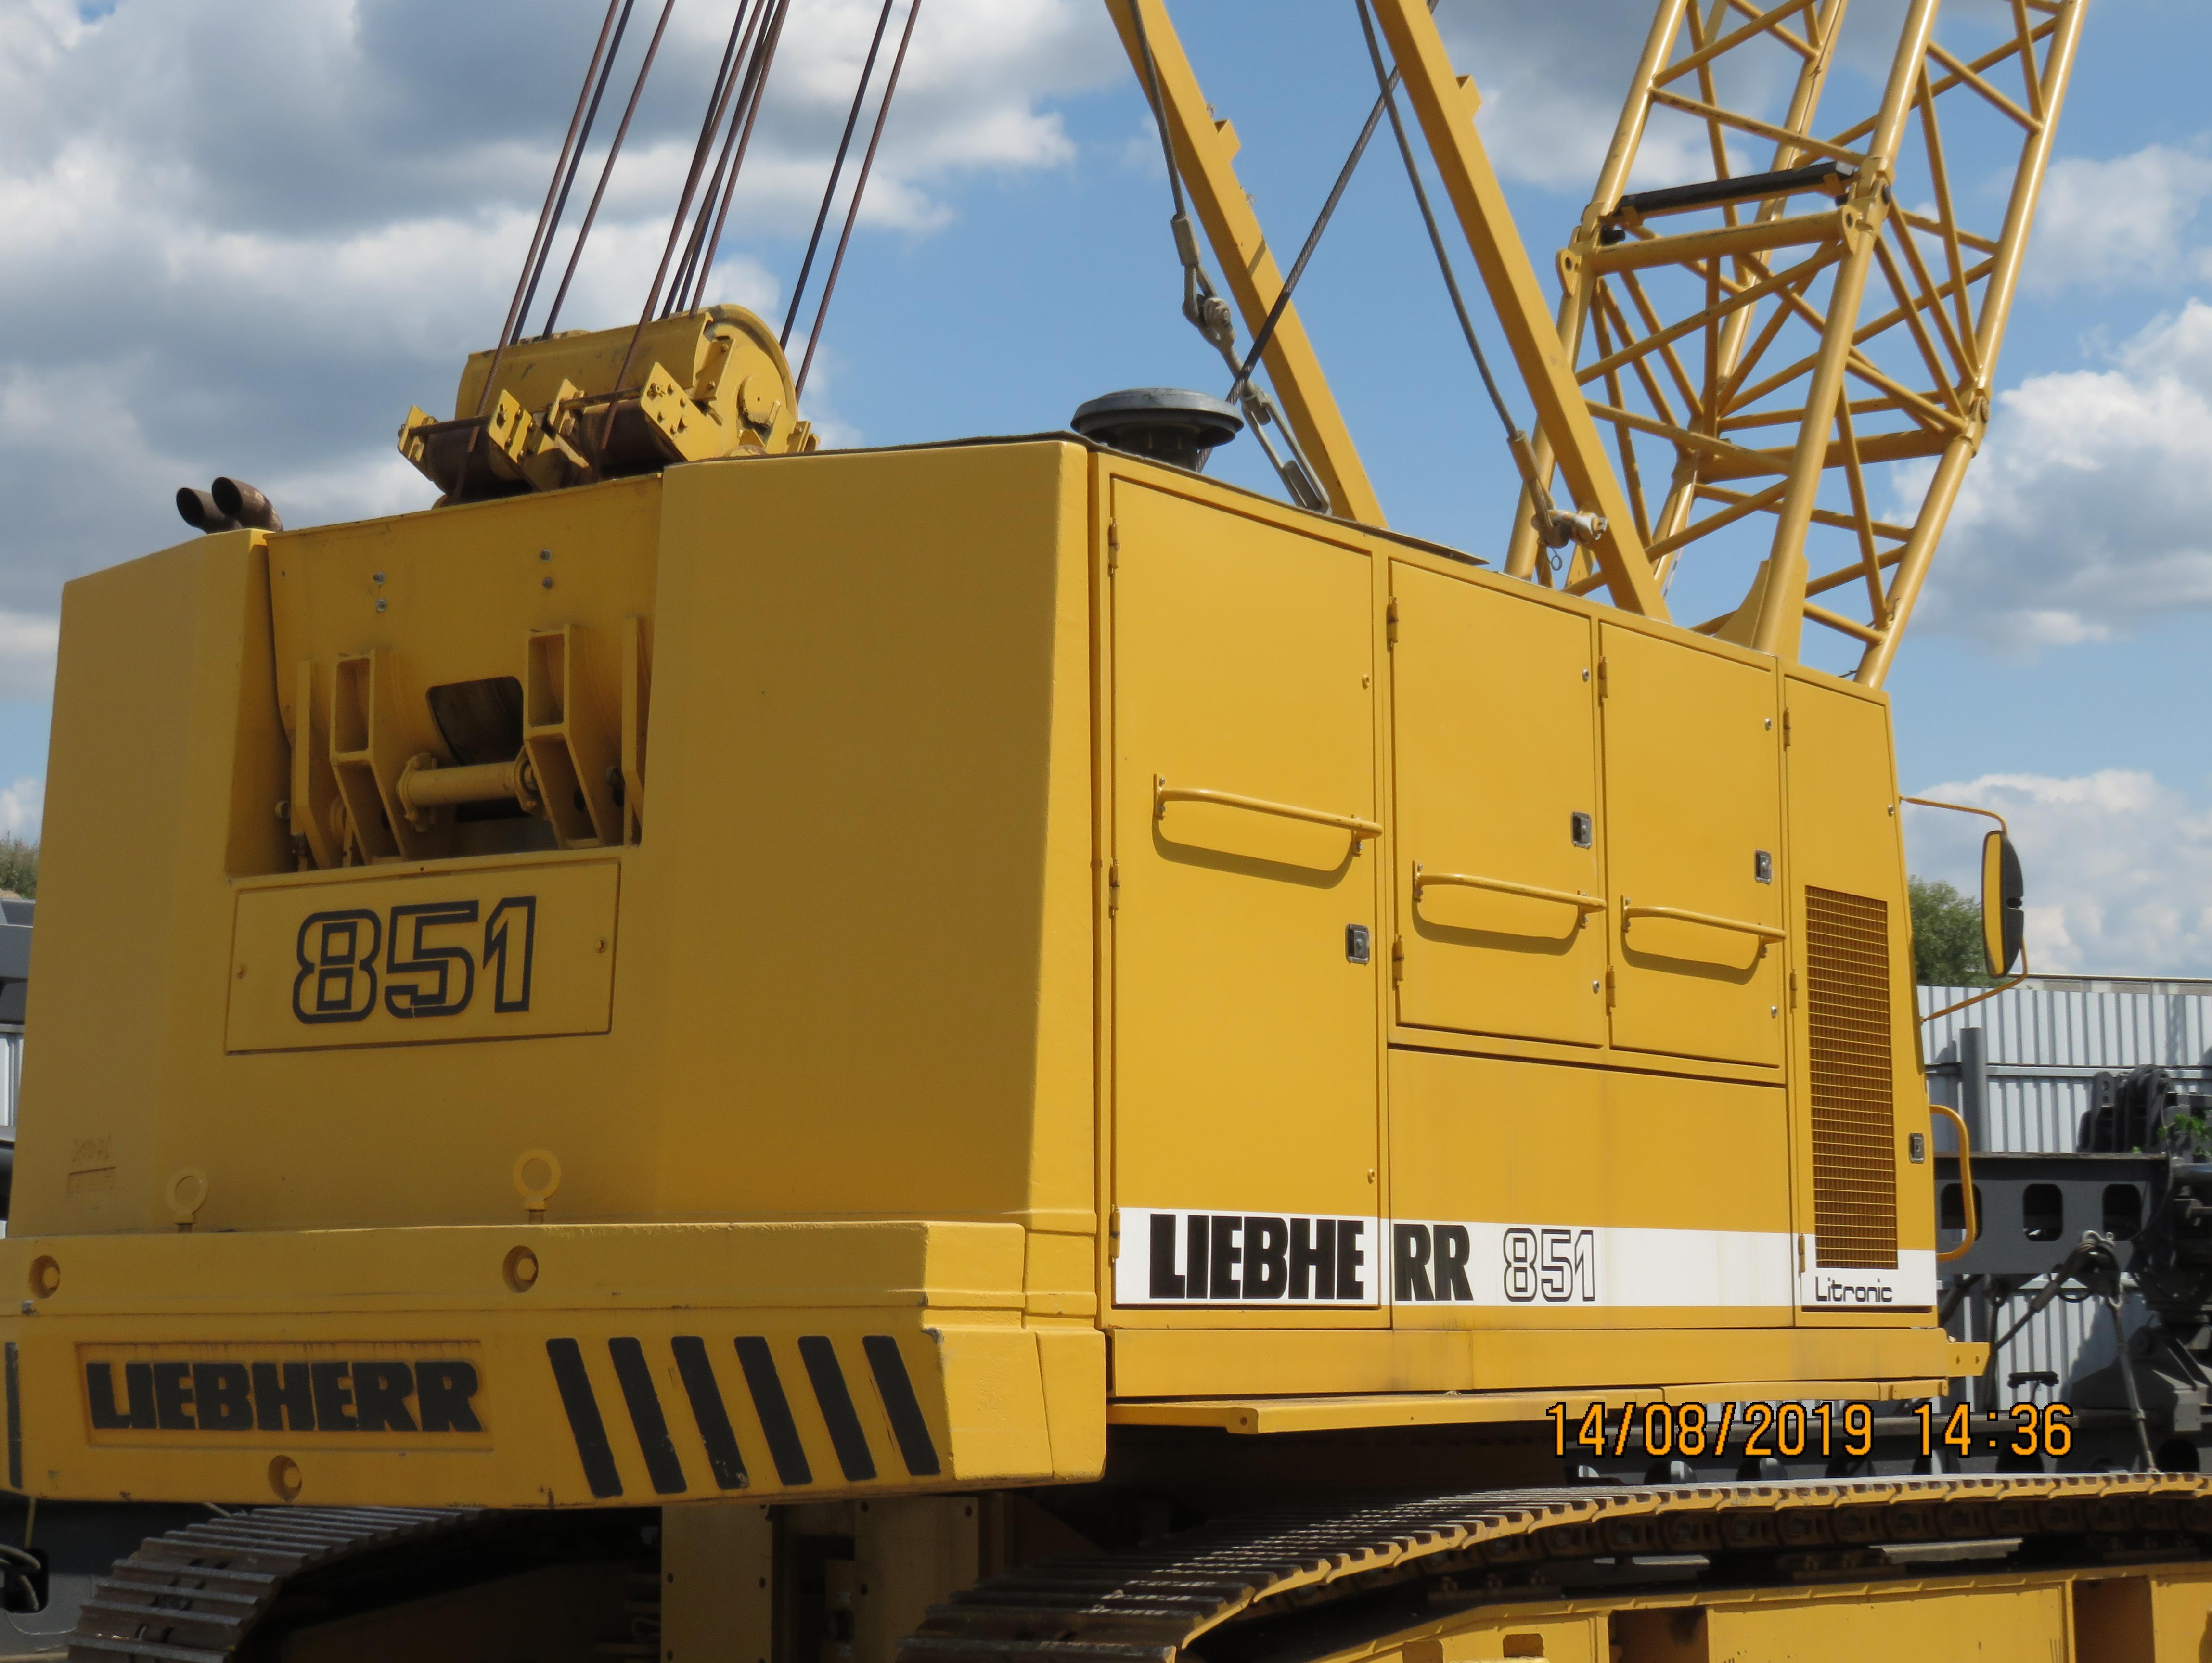 Liebherr HS 851